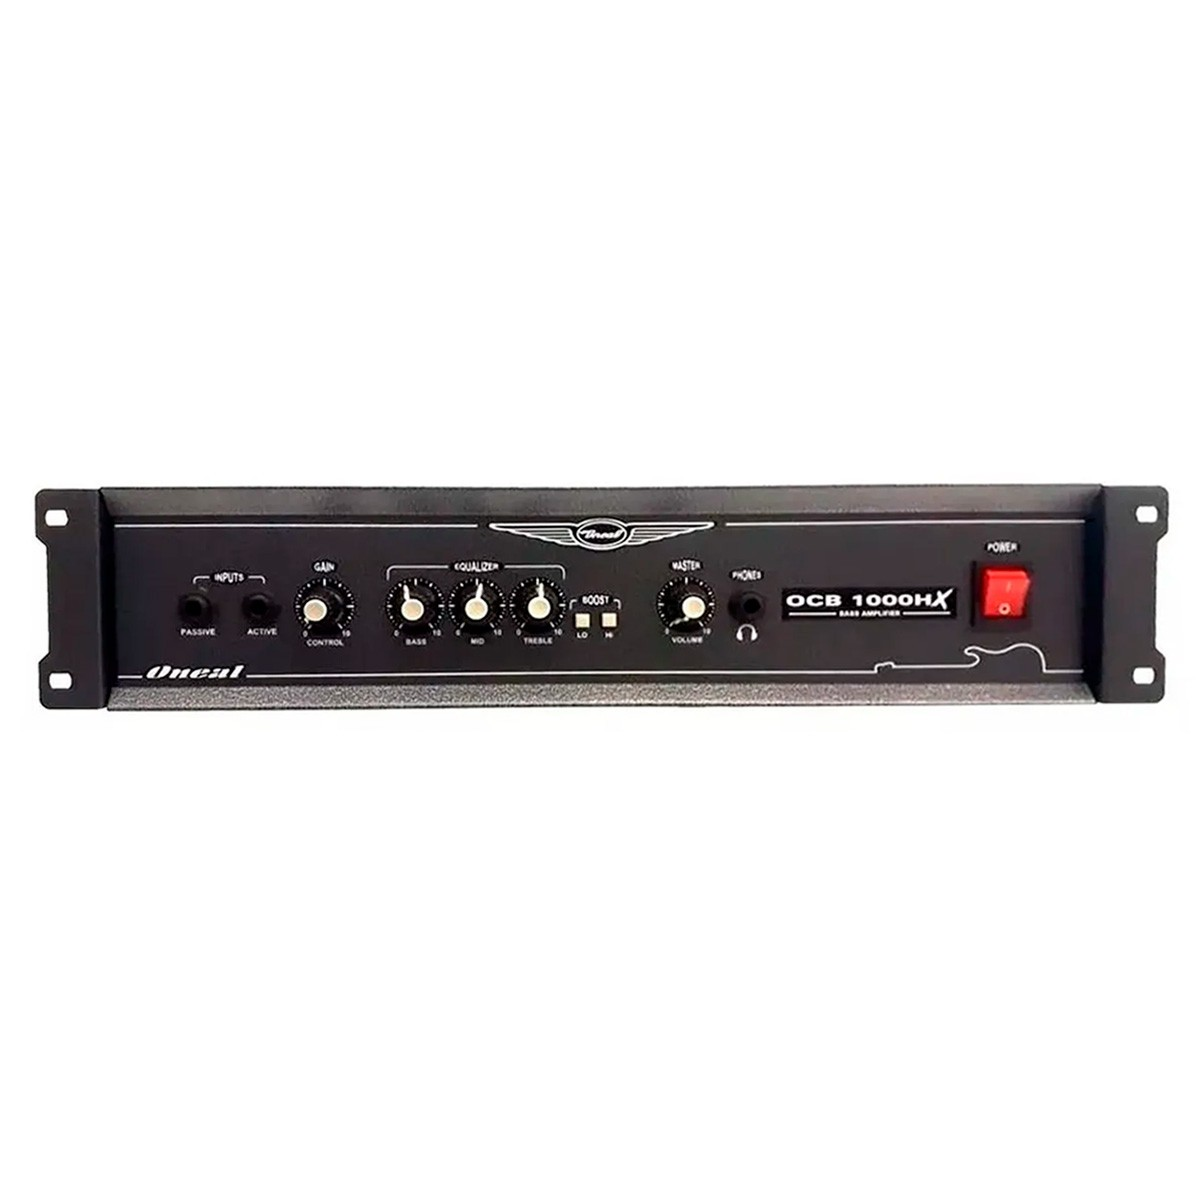 Cabeçote Amplificador P/ Contrabaixo Oneal OCB 1000HX 350Wrms